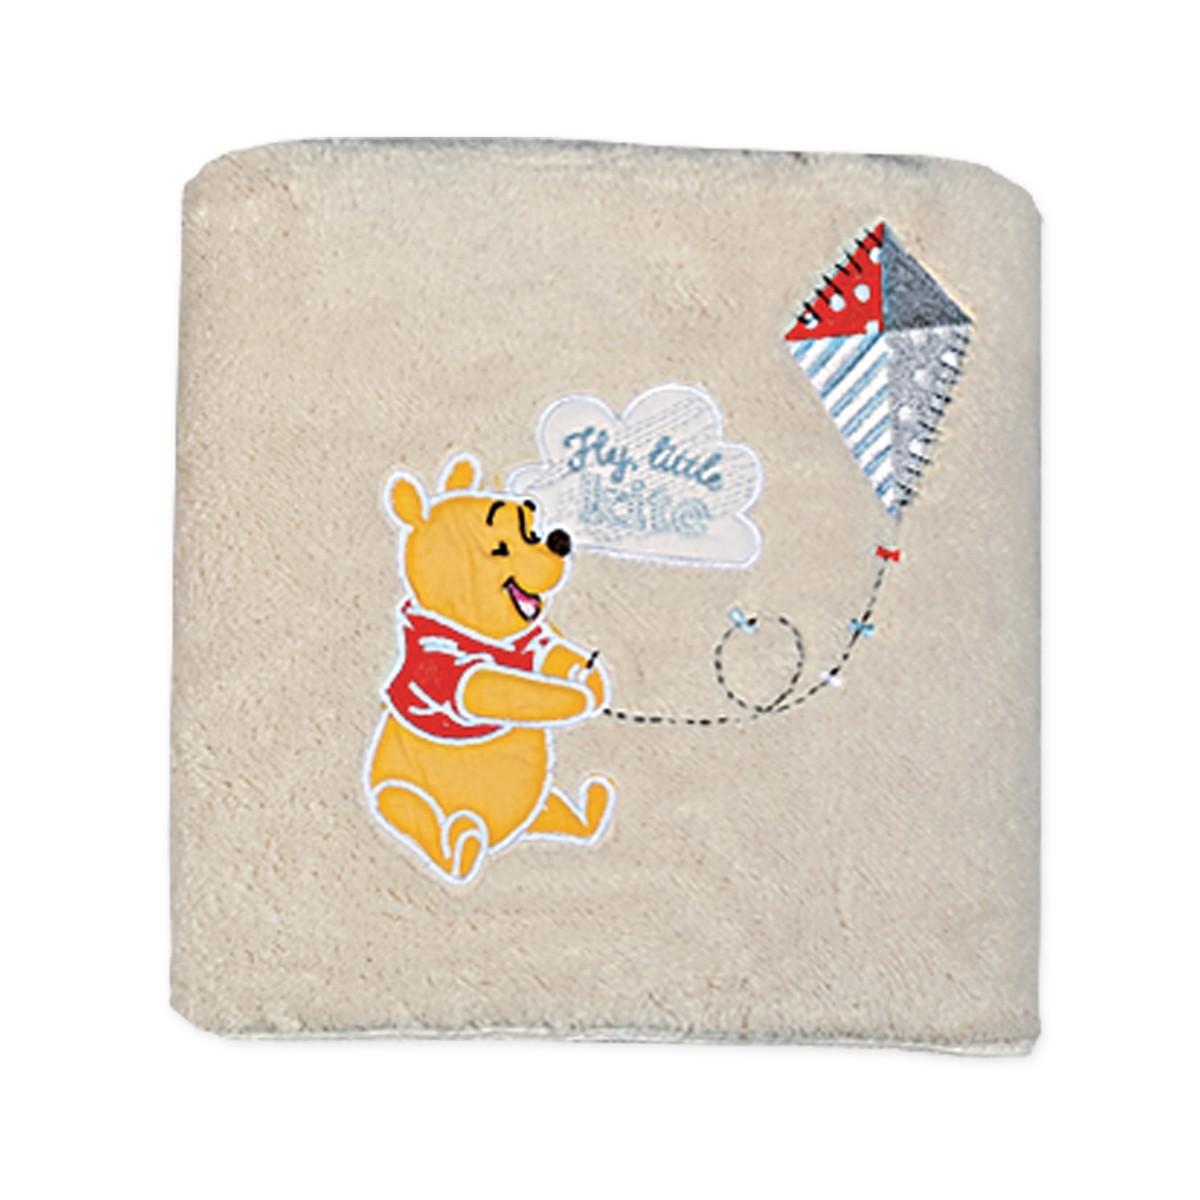 Κουβέρτα Fleece Αγκαλιάς Nef-Nef Disney Winnie Fly Kite 76485